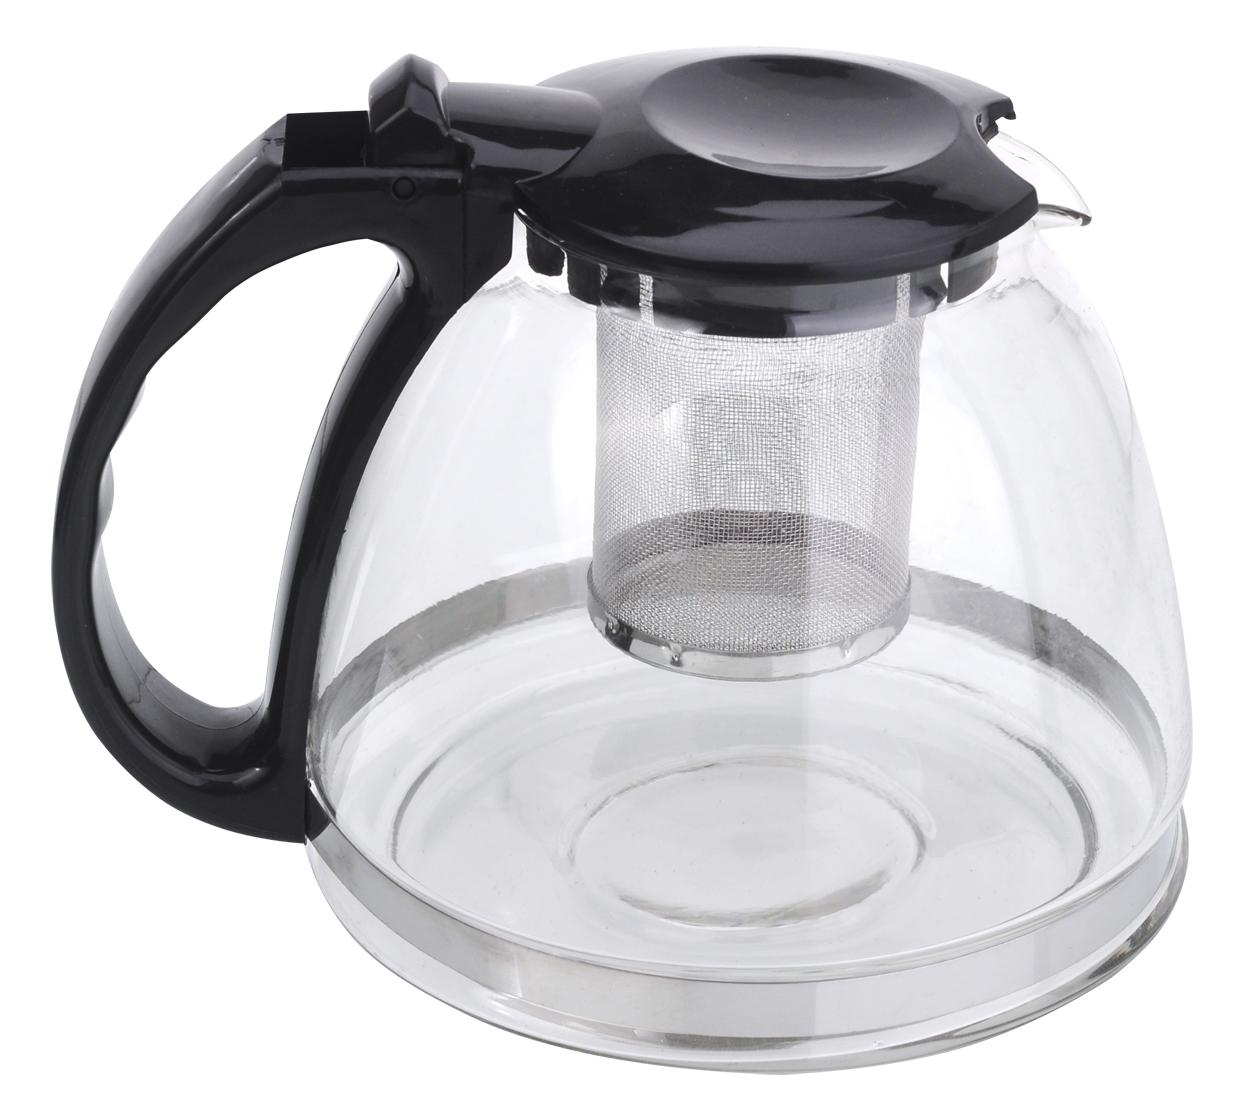 Чайник заварочный МФК-профит, с фильтром, цвет: черный, 1,3 л391602Заварочный чайник МФК-профит предоставит вам все необходимые возможности для успешного заваривания чая. Он изготовлен из термостойкого стекла и оснащен крышкой и ручкой из пластика, также имеется вставка из нержавеющей стали. Чай в таком чайнике дольше остается горячим, а полезные и ароматические вещества полностью сохраняются в напитке. Чайник оснащен фильтром, который выполнен из нержавеющей стали. Простой и удобный чайник поможет вам приготовить крепкий, ароматный чай. Нельзя мыть в посудомоечной машине. Не использовать в микроволновой печи.